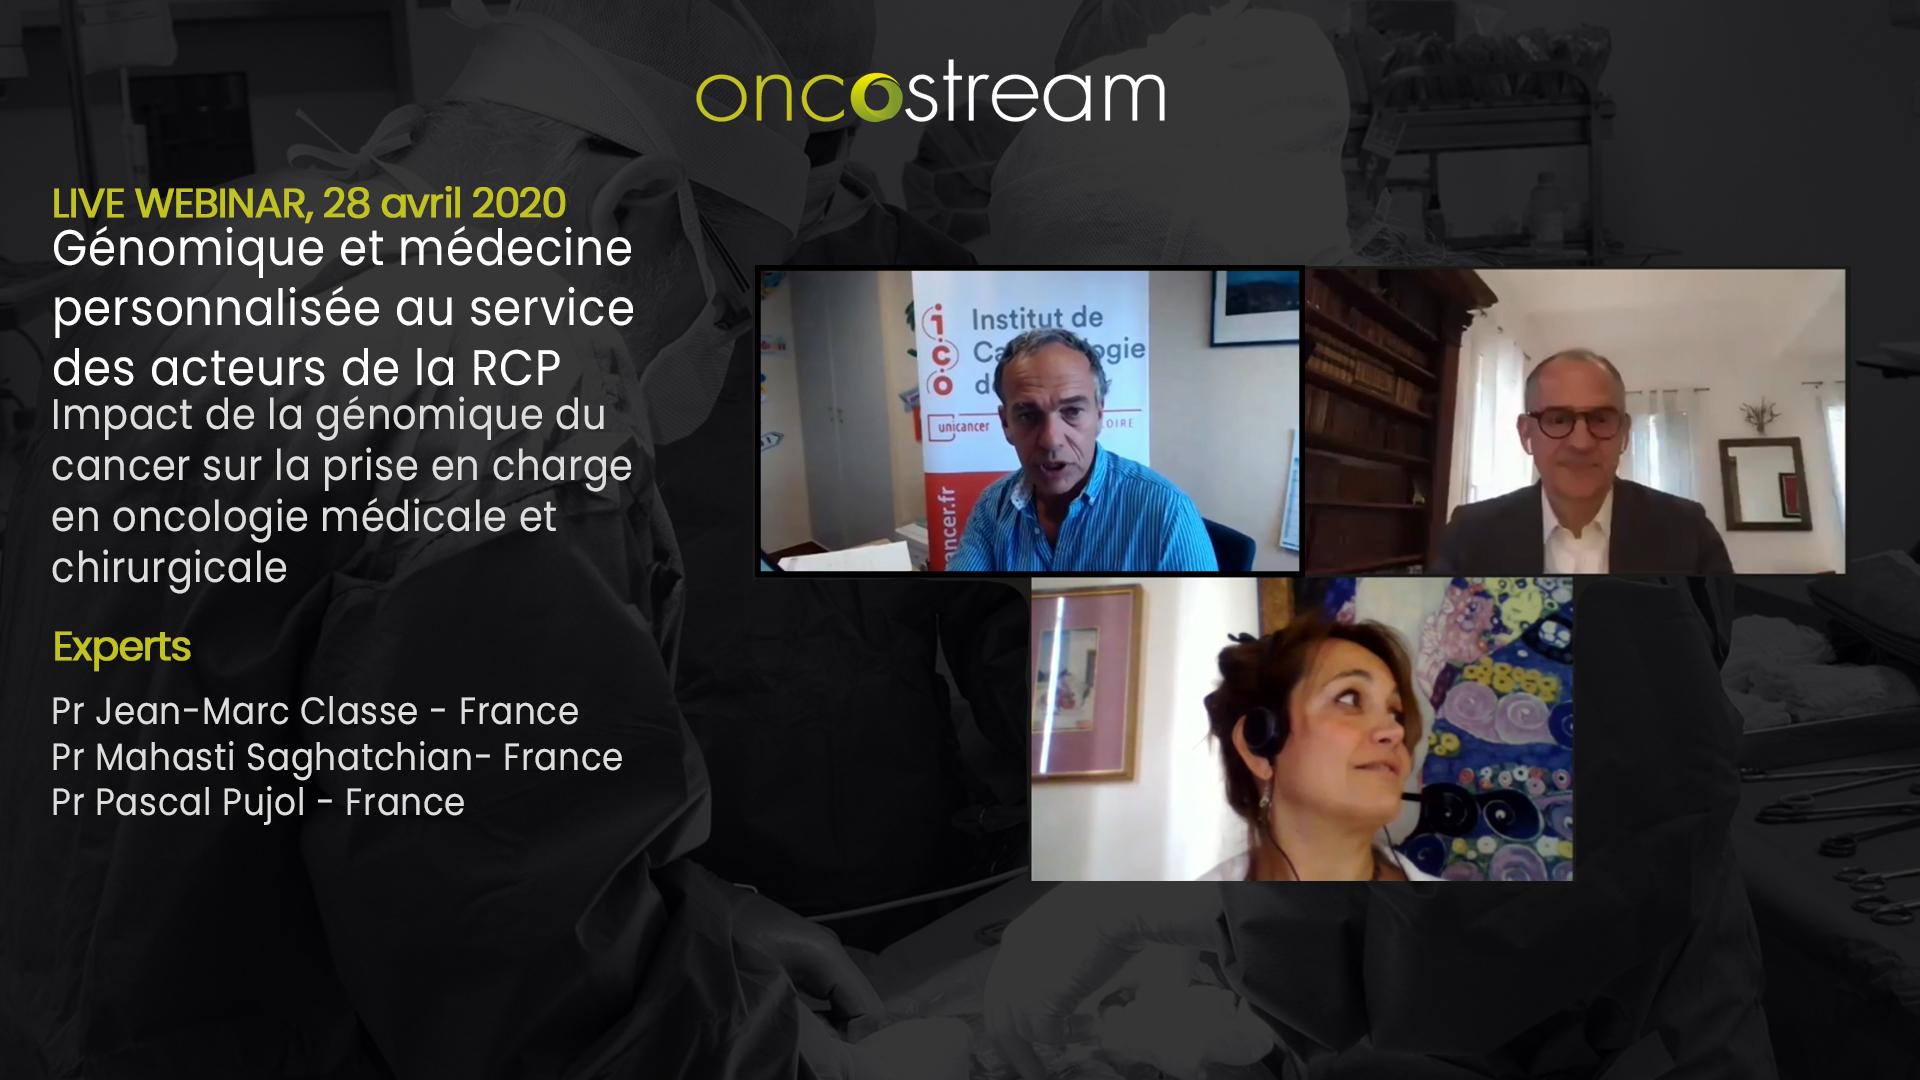 Génomique et médecine personnalisée au service des acteurs de la RCP